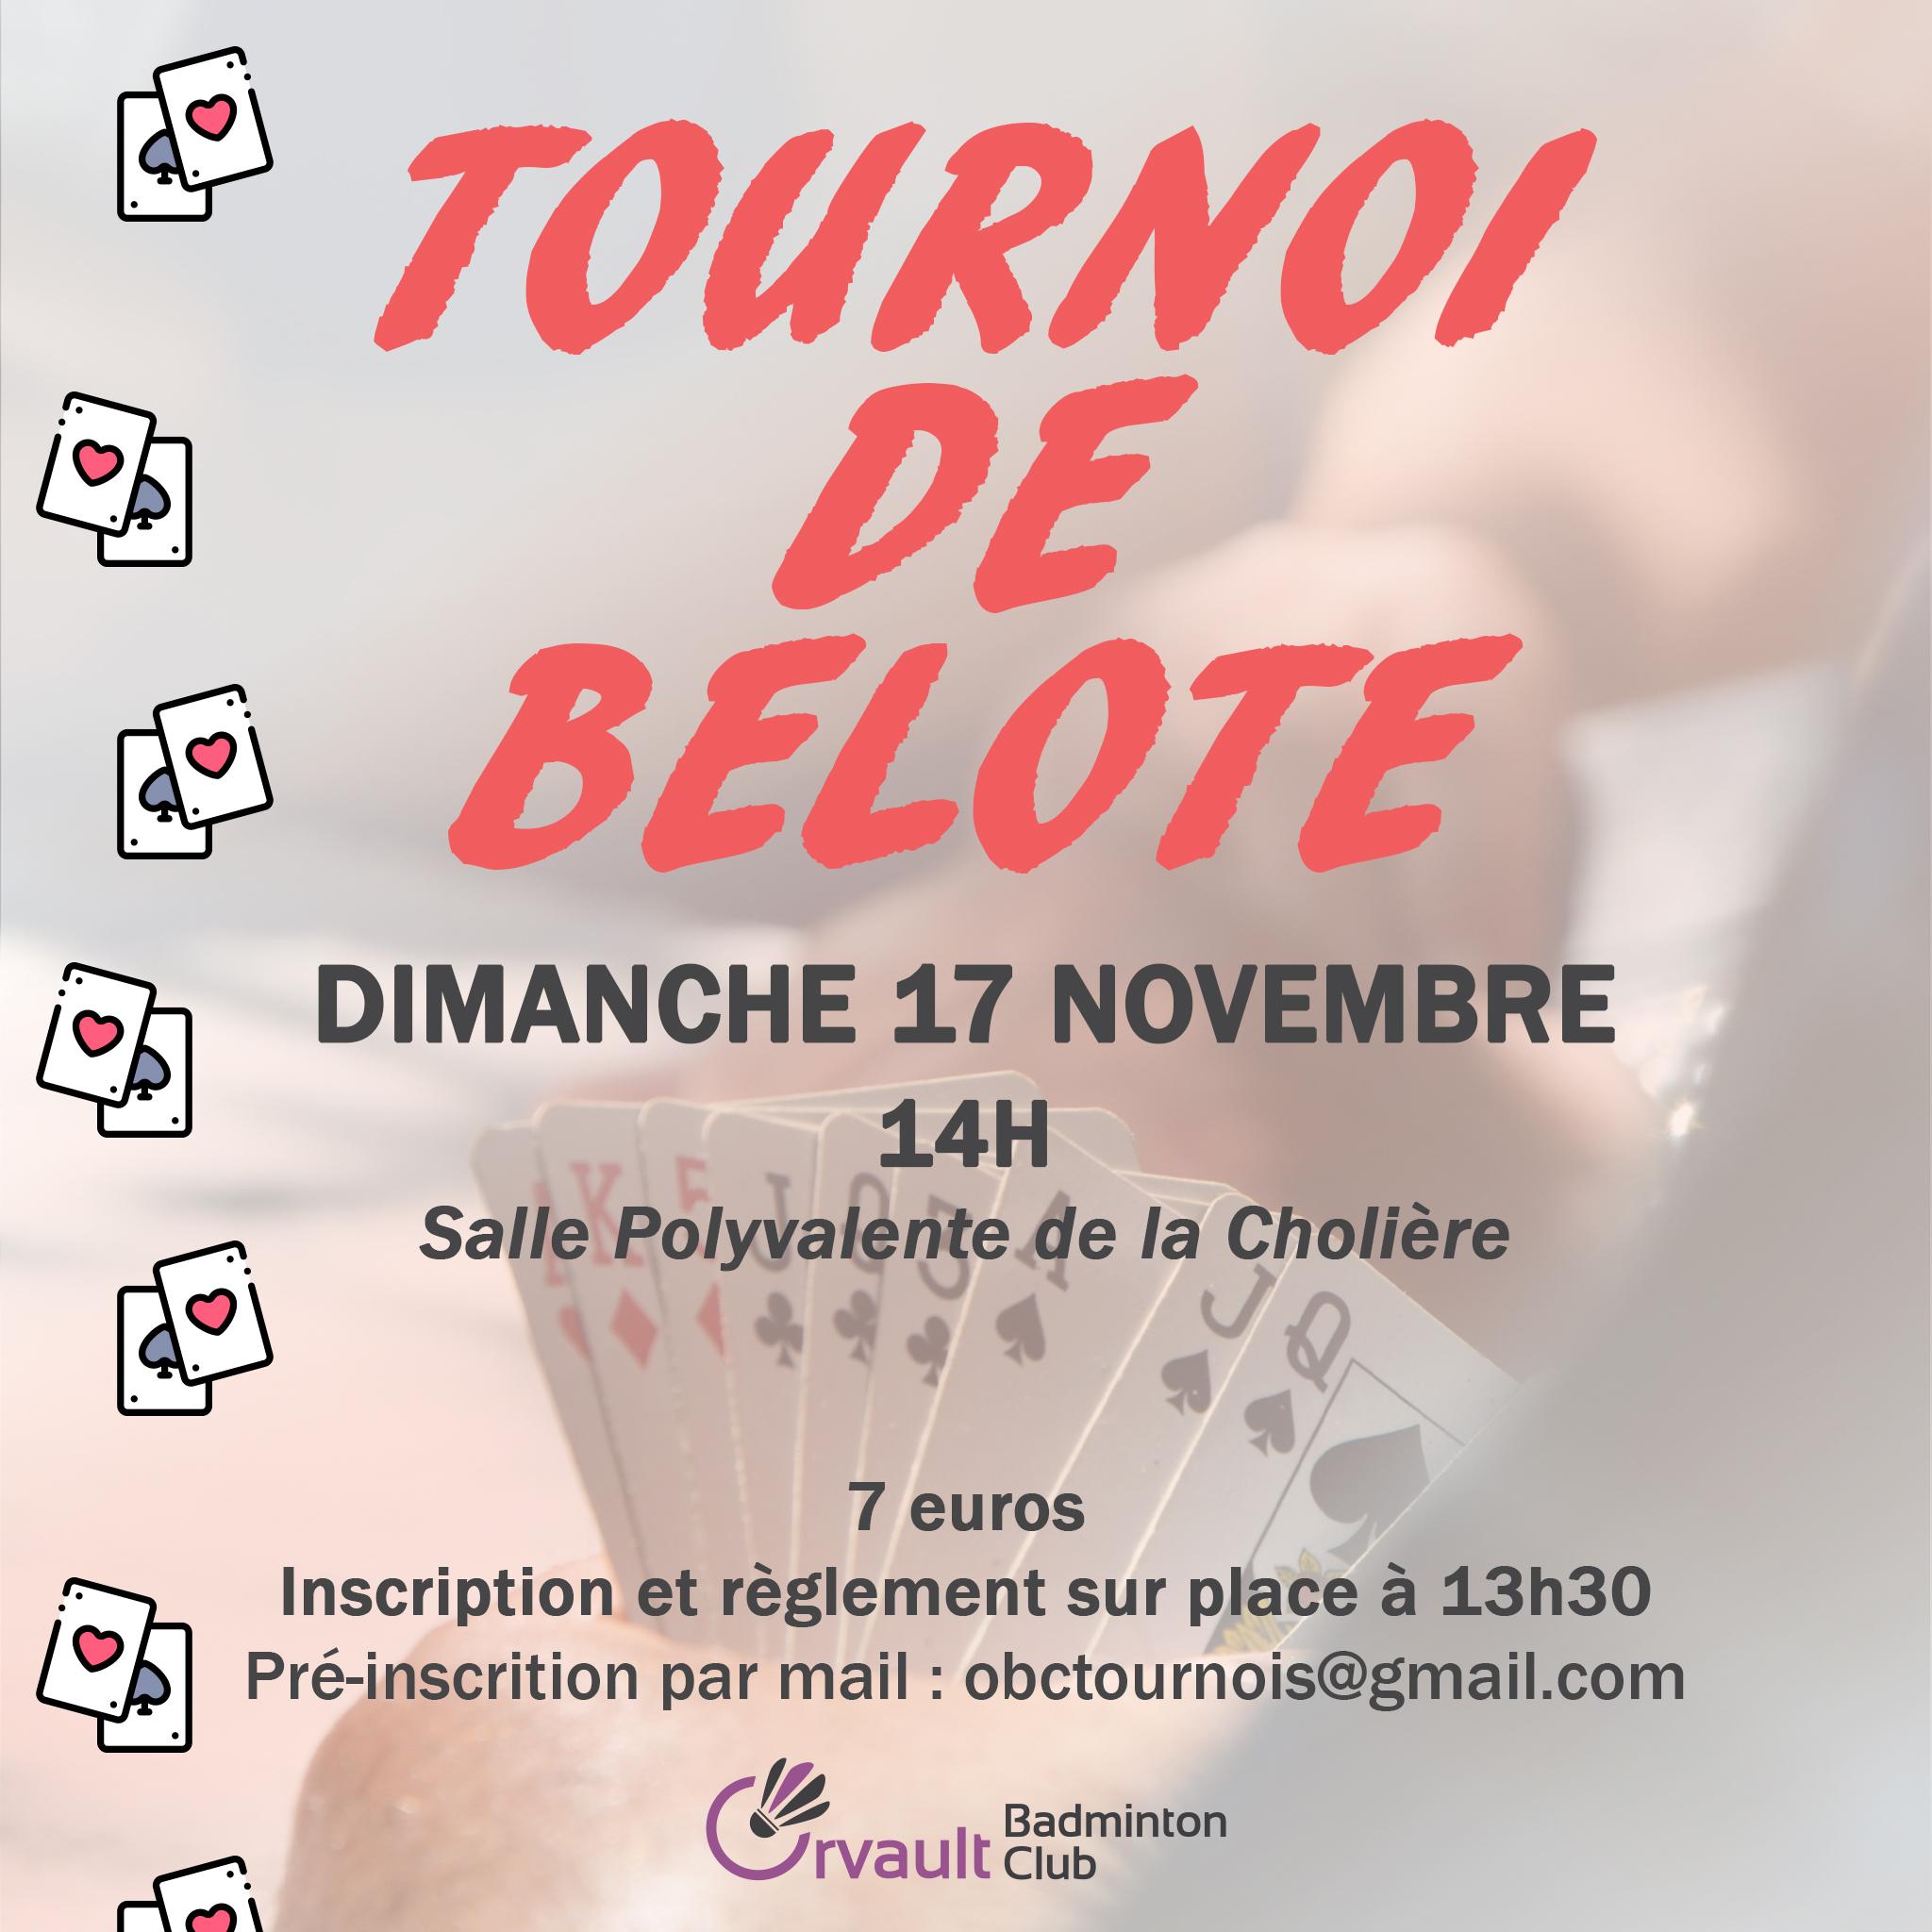 Tournoi de Belote de l'OBC 2019 !